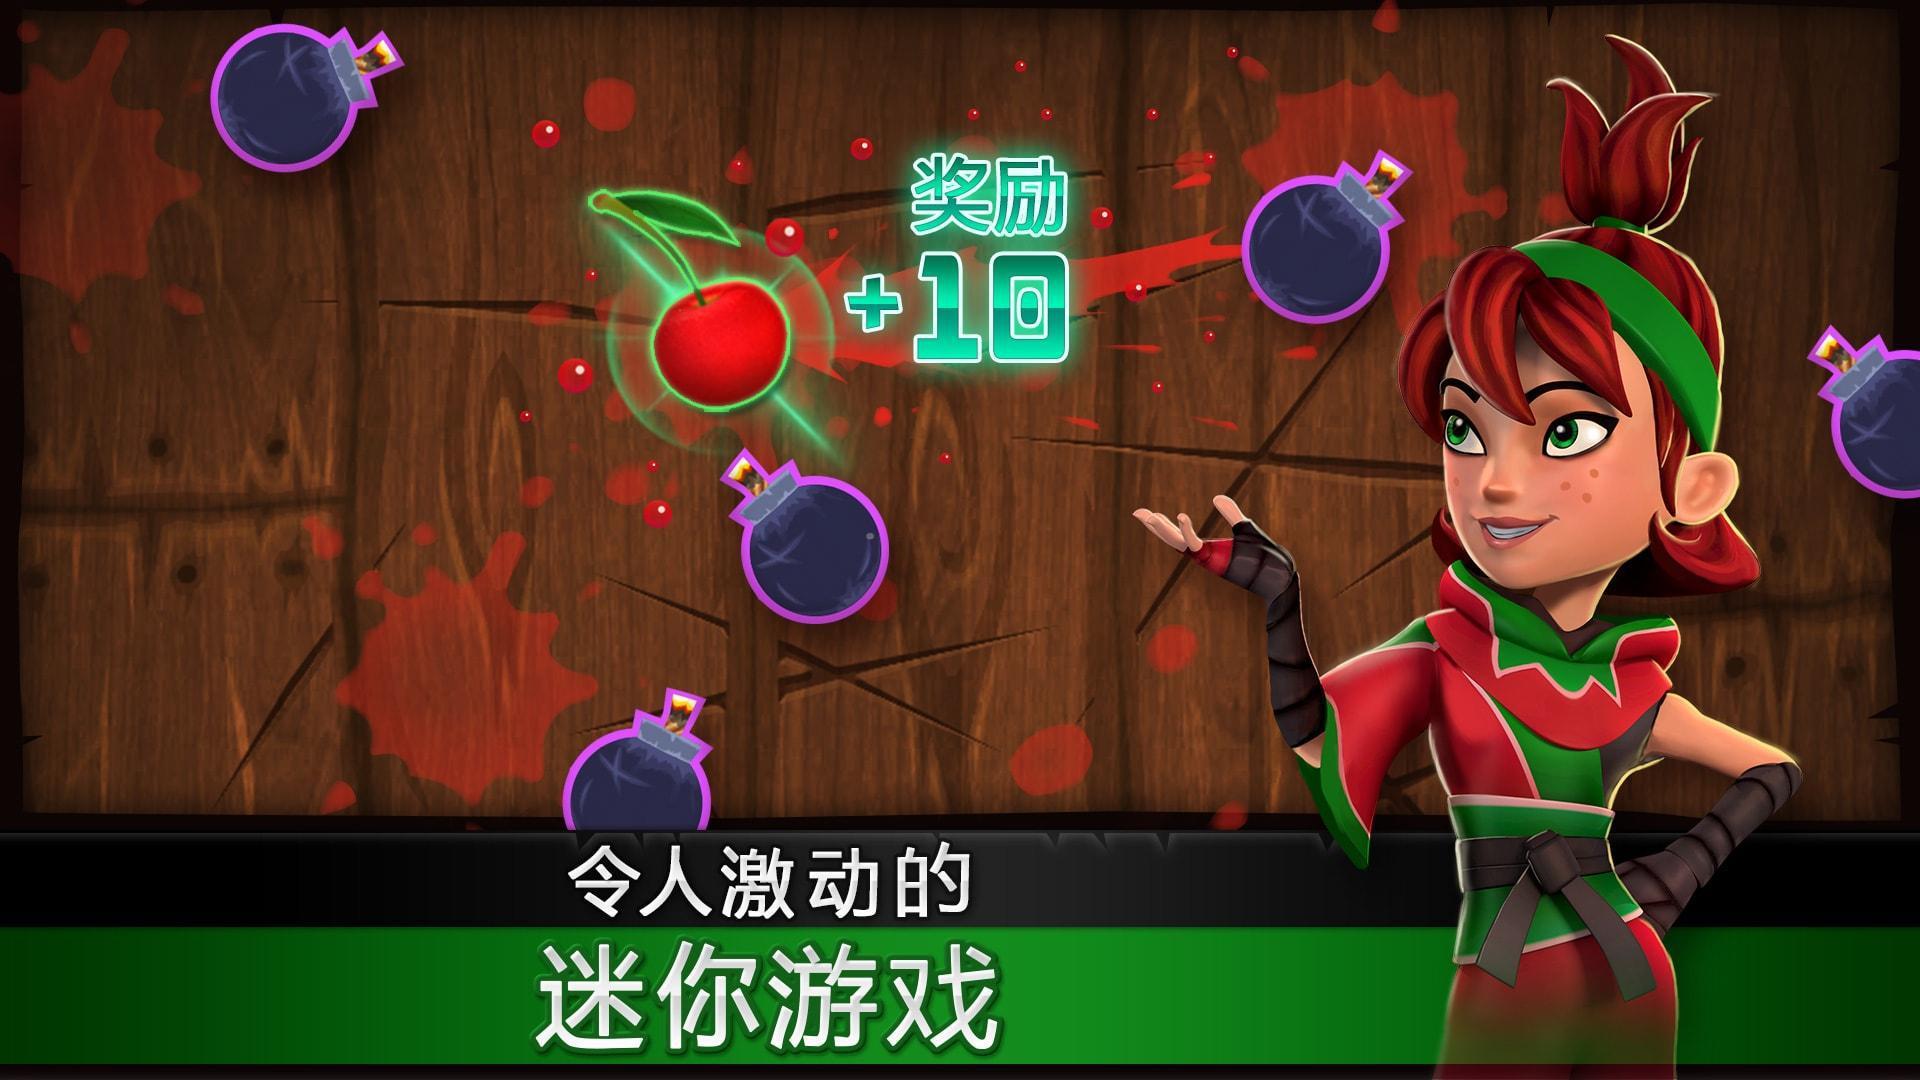 水果忍者® - 爽快切水果 游戏截图3